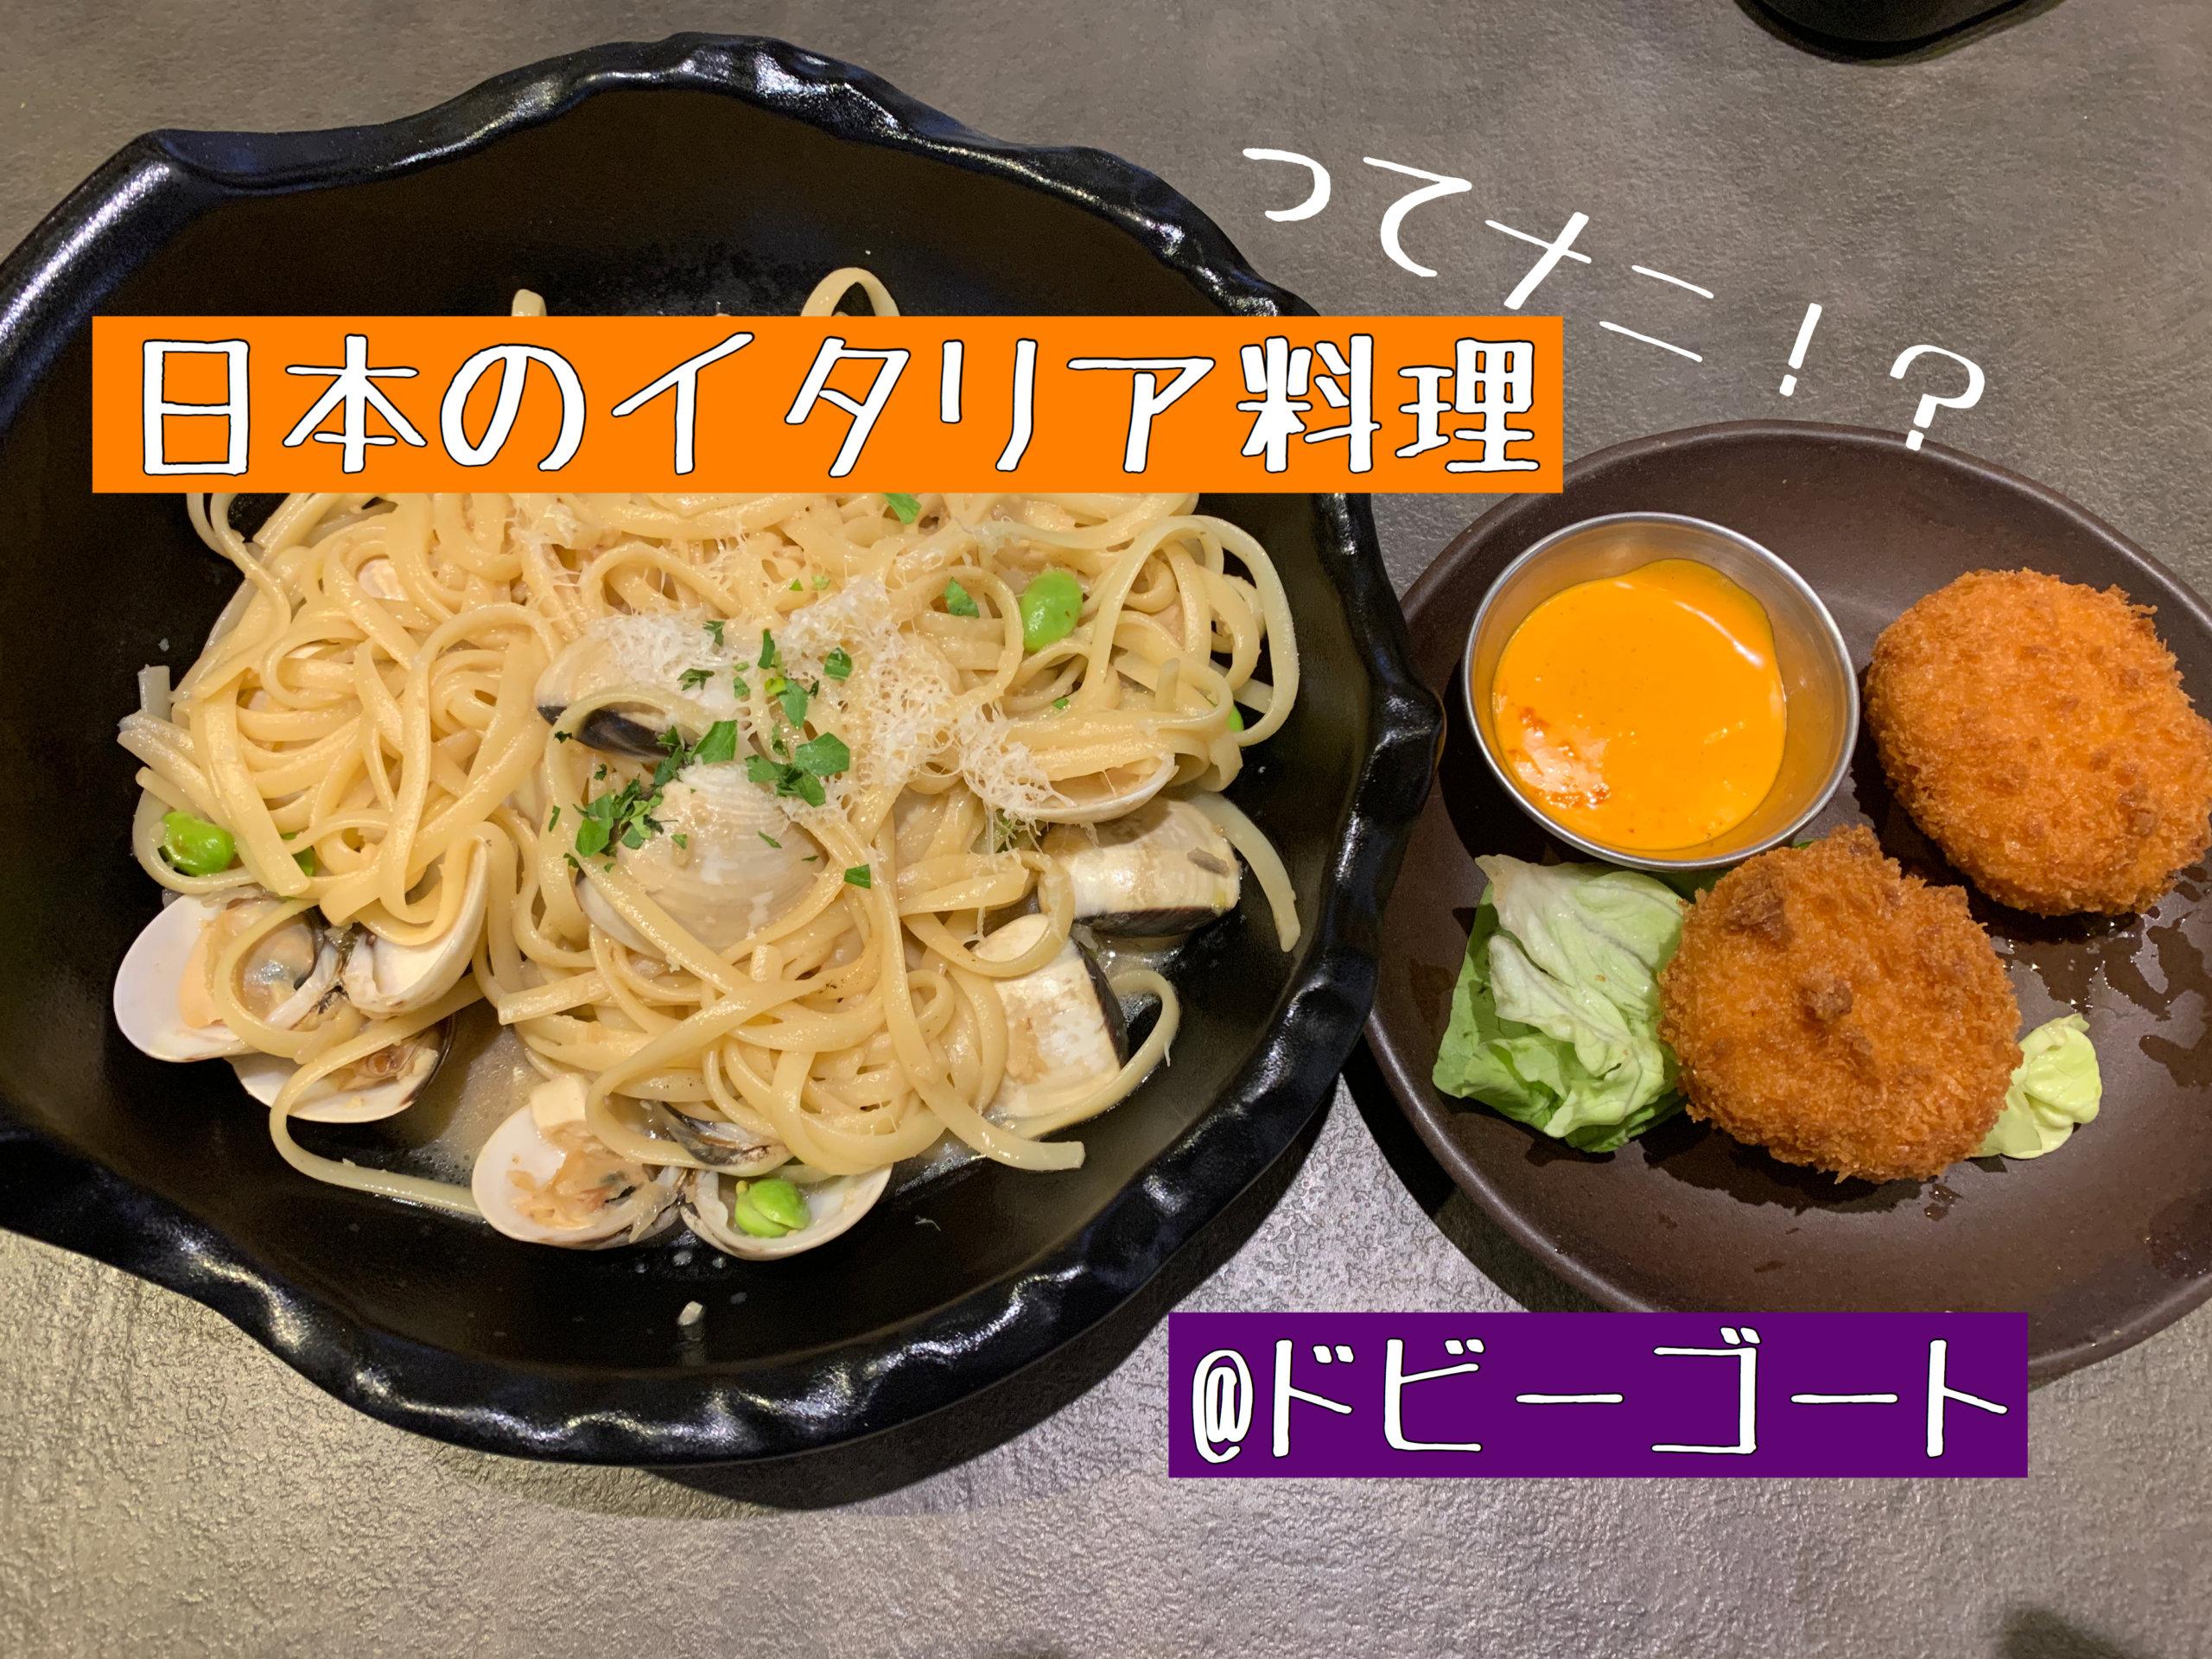 オーチャード 日本食